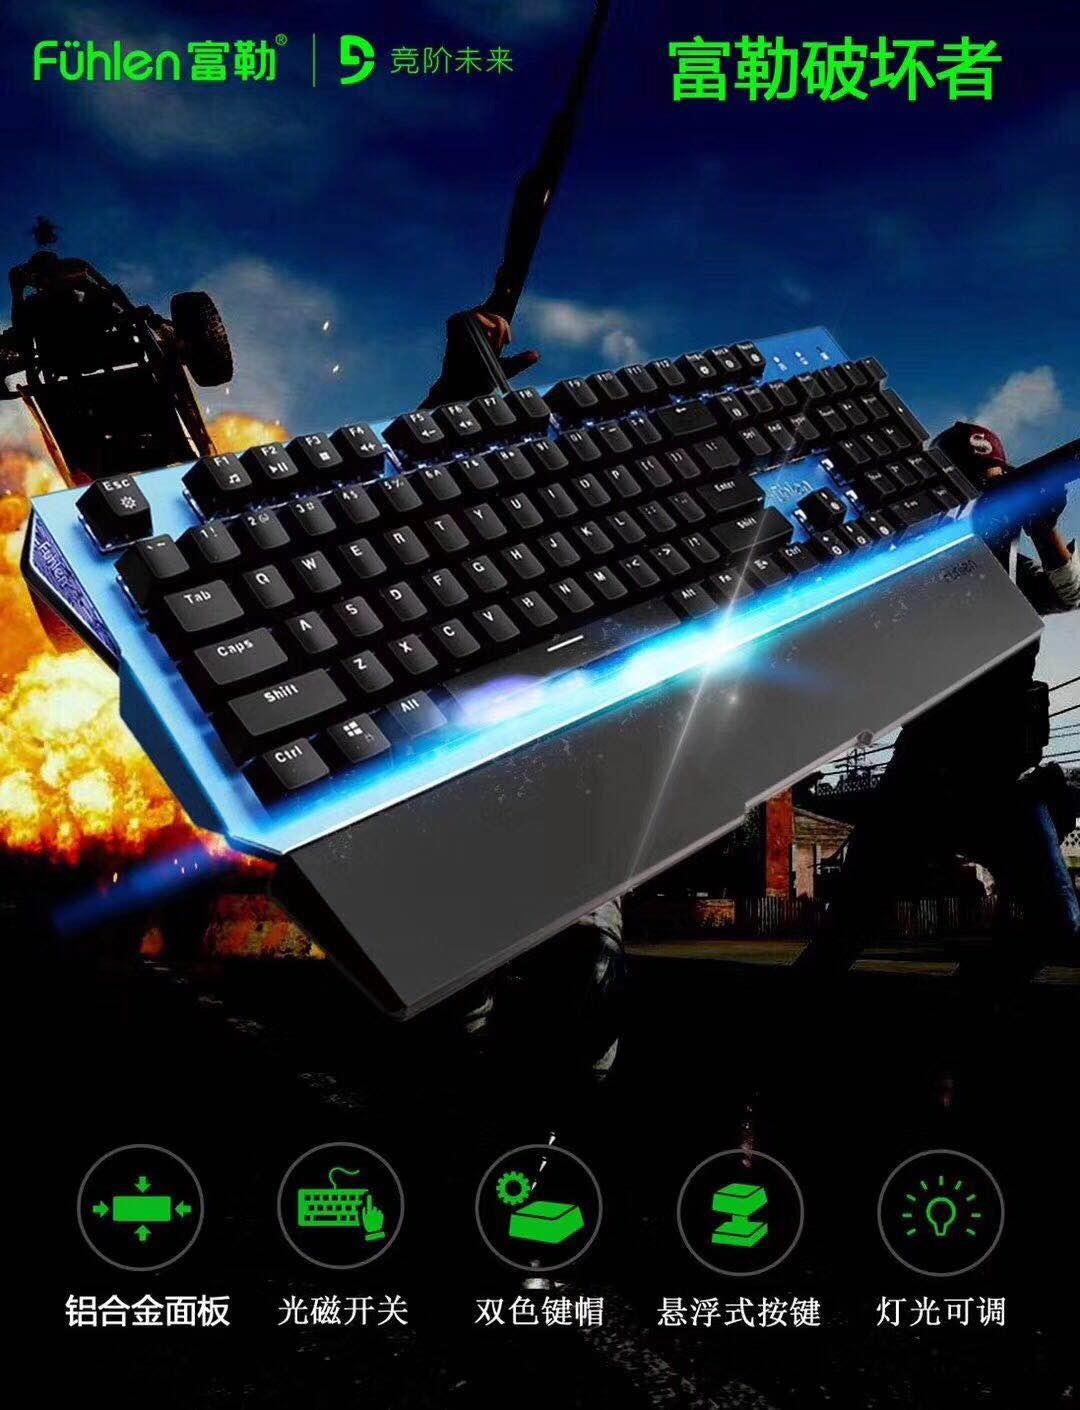 富勒破坏者机械键盘防水防尘背光游戏键盘光轴可插拔机械轴